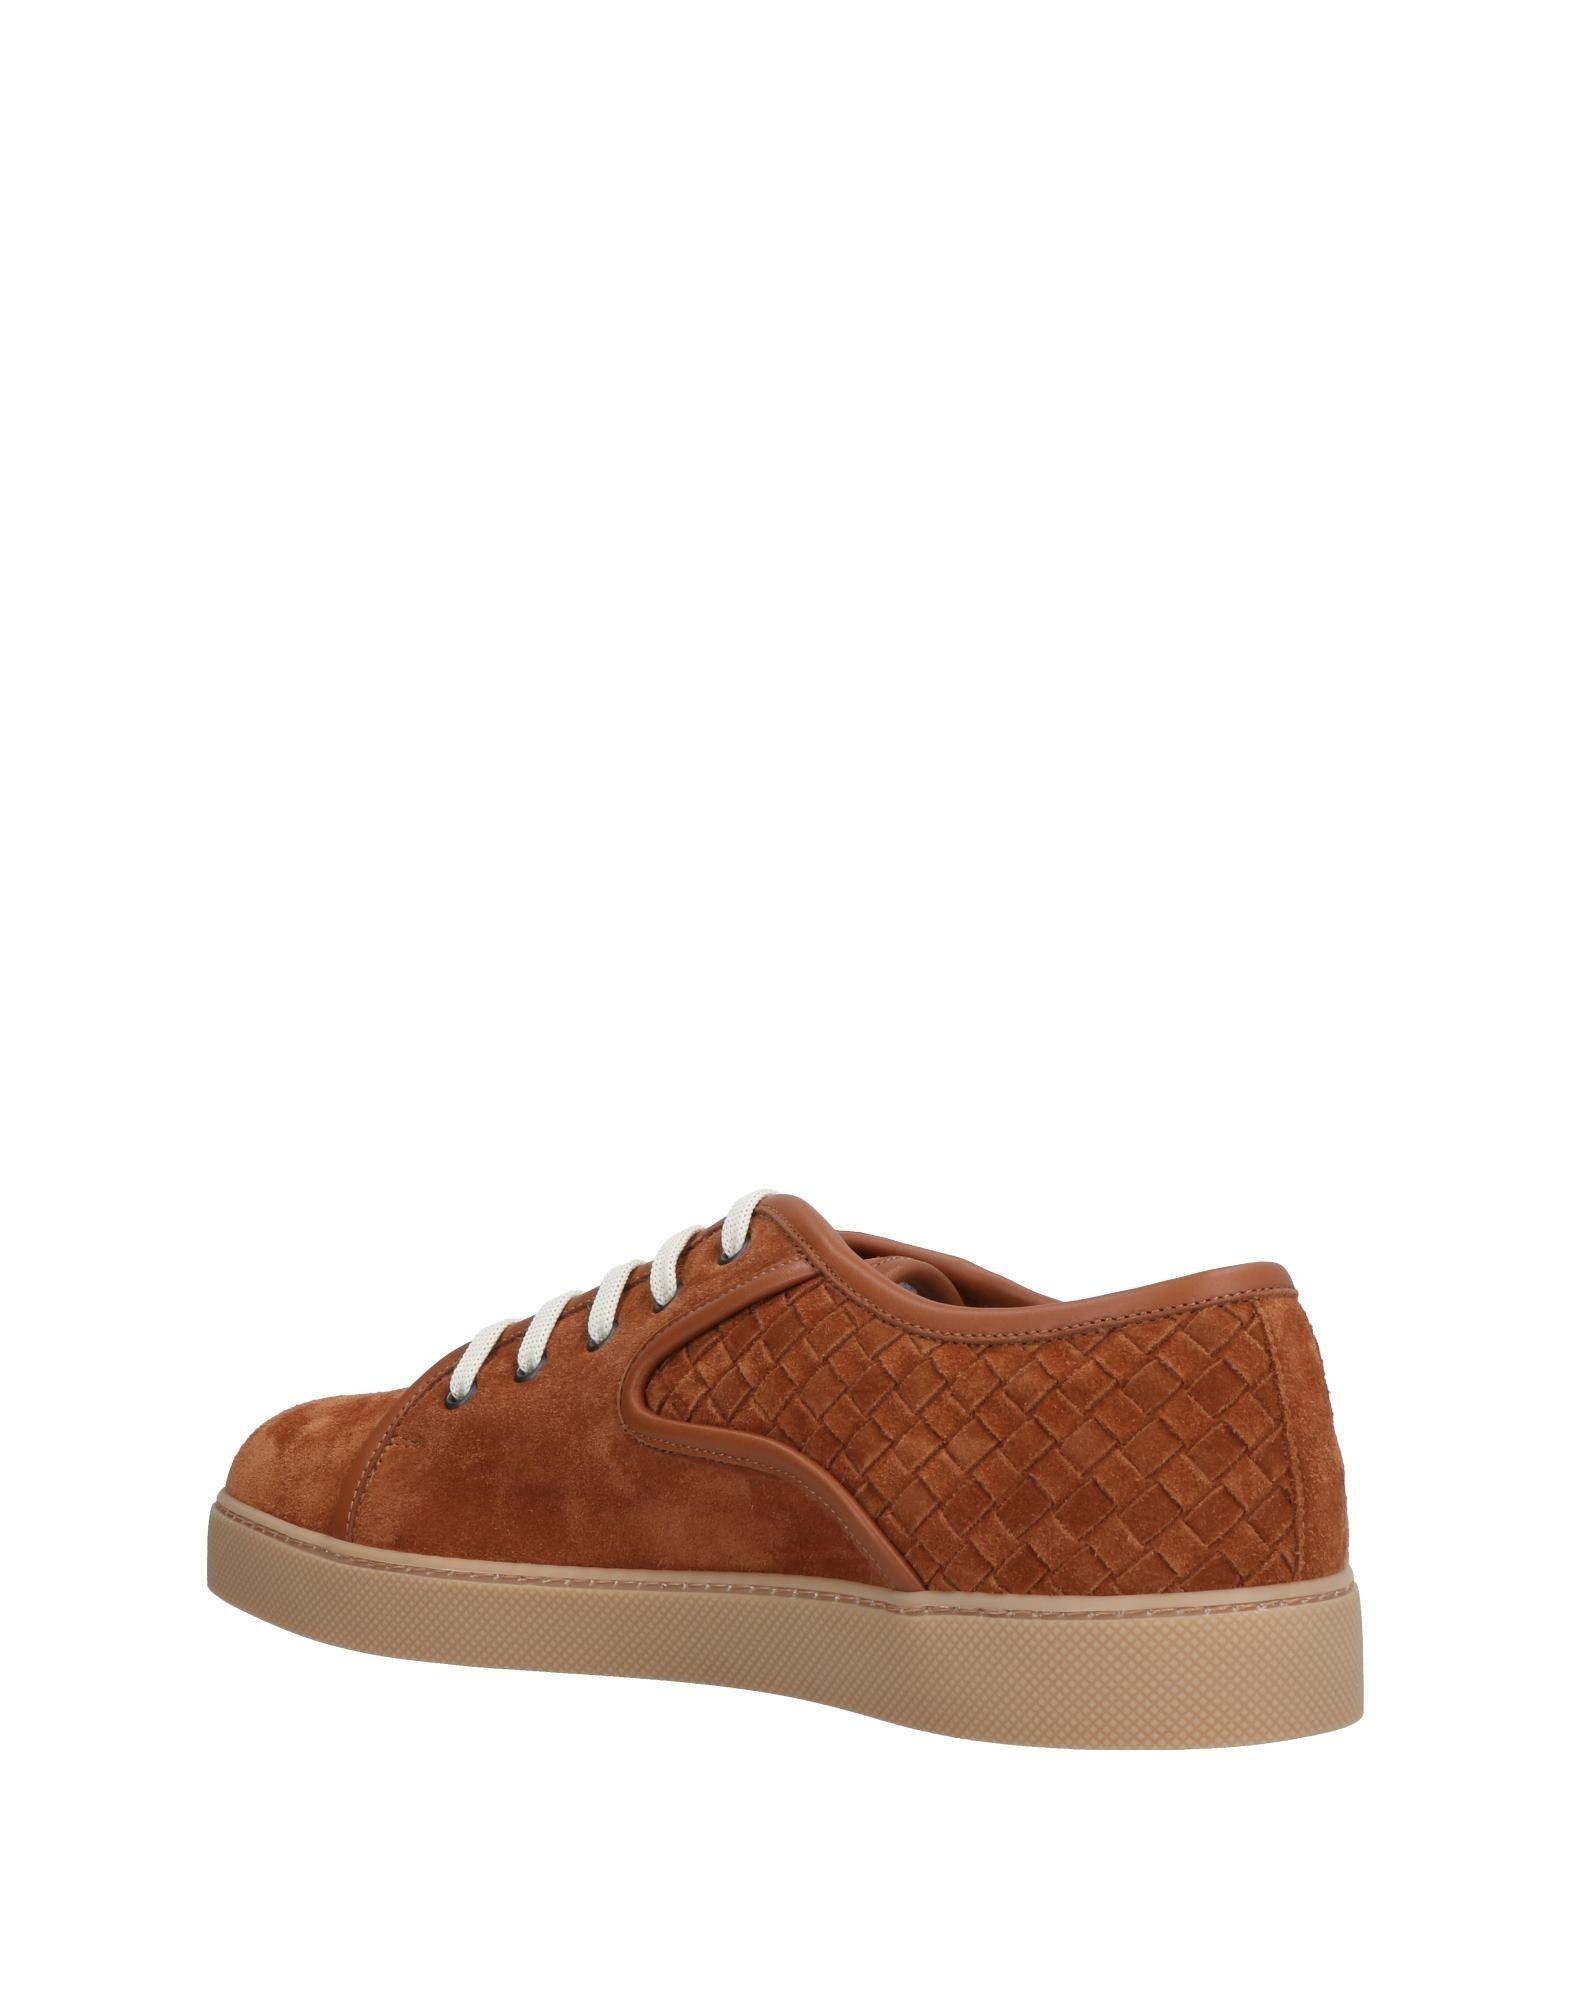 Bottega Veneta Sneakers Herren  11505195AI Gute Qualität beliebte Schuhe